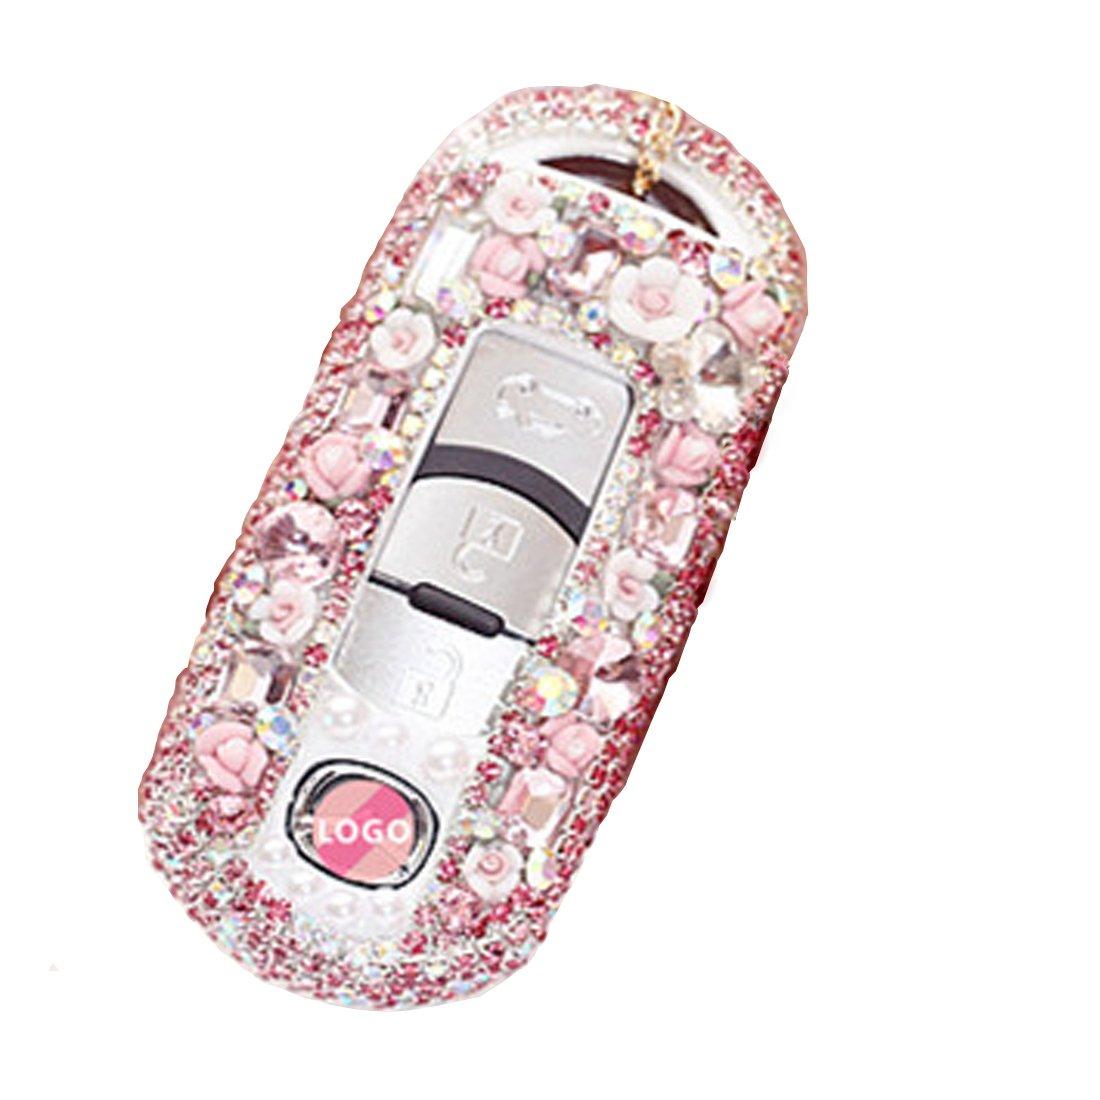 クリスタルダイヤモンド車リモートキーFobケースシェルキーレスリモートカバー用マツダ2 / 3 / 4-buttonsスマートキー KMT B075MC7MRS ピンク ピンク